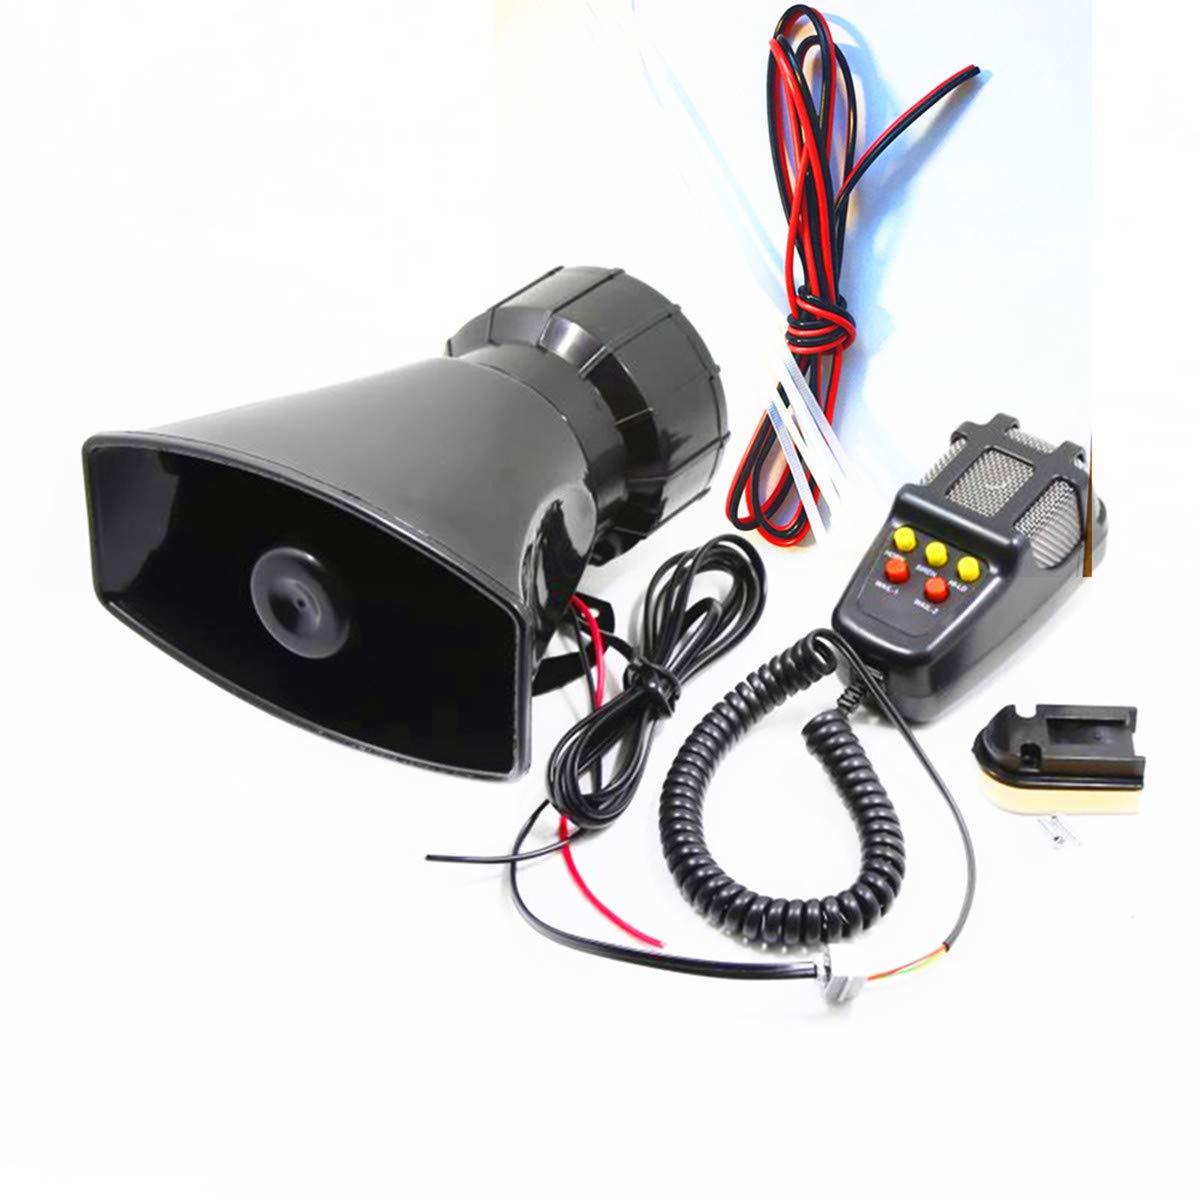 Dhuile auto sirena altoparlante, sirena di allarme 12 V 80 W auto veicolo corno sirena con microfono e altoparlante PA sistema di emergenza del suono , auto elettronica attenzione per furgoni auto camion moto nave duofang